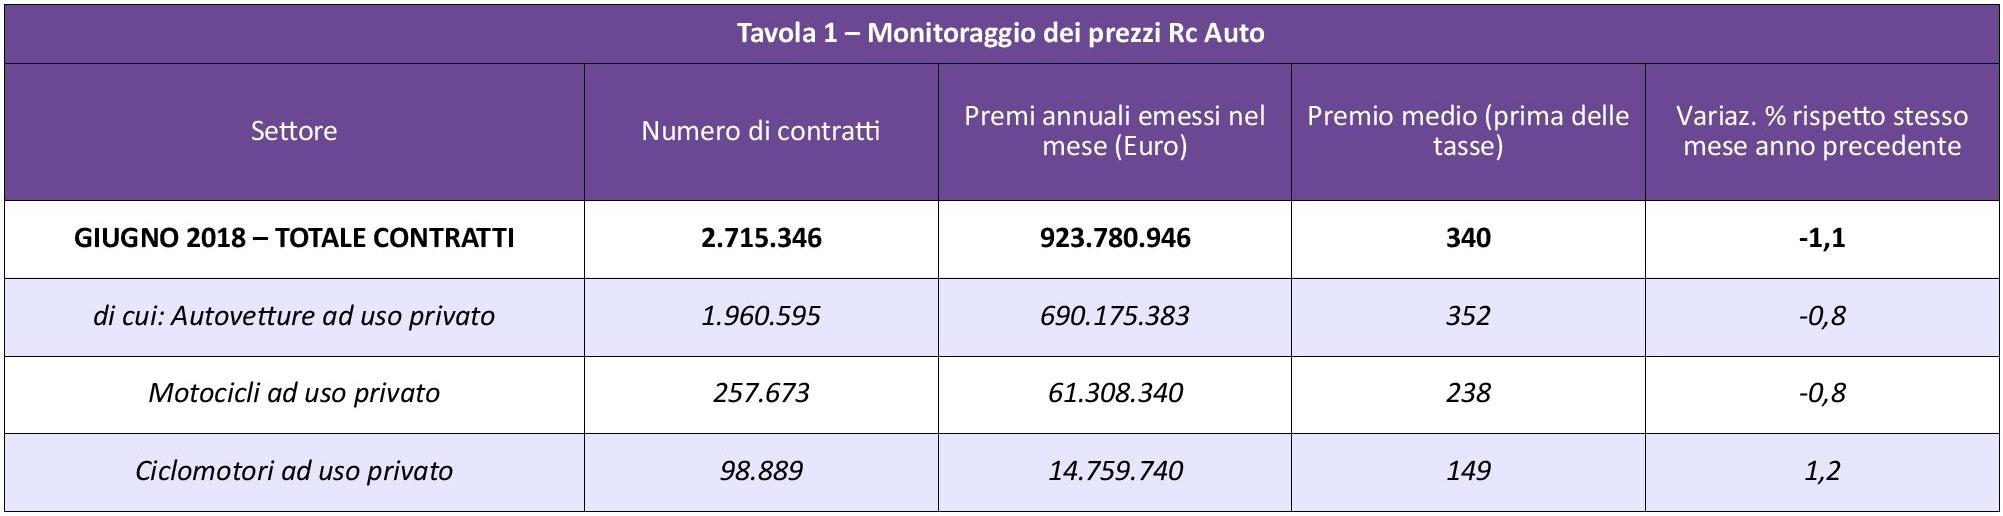 ANIA - Monitoraggio prezzi Rc Auto - Giugno 2018 IMC